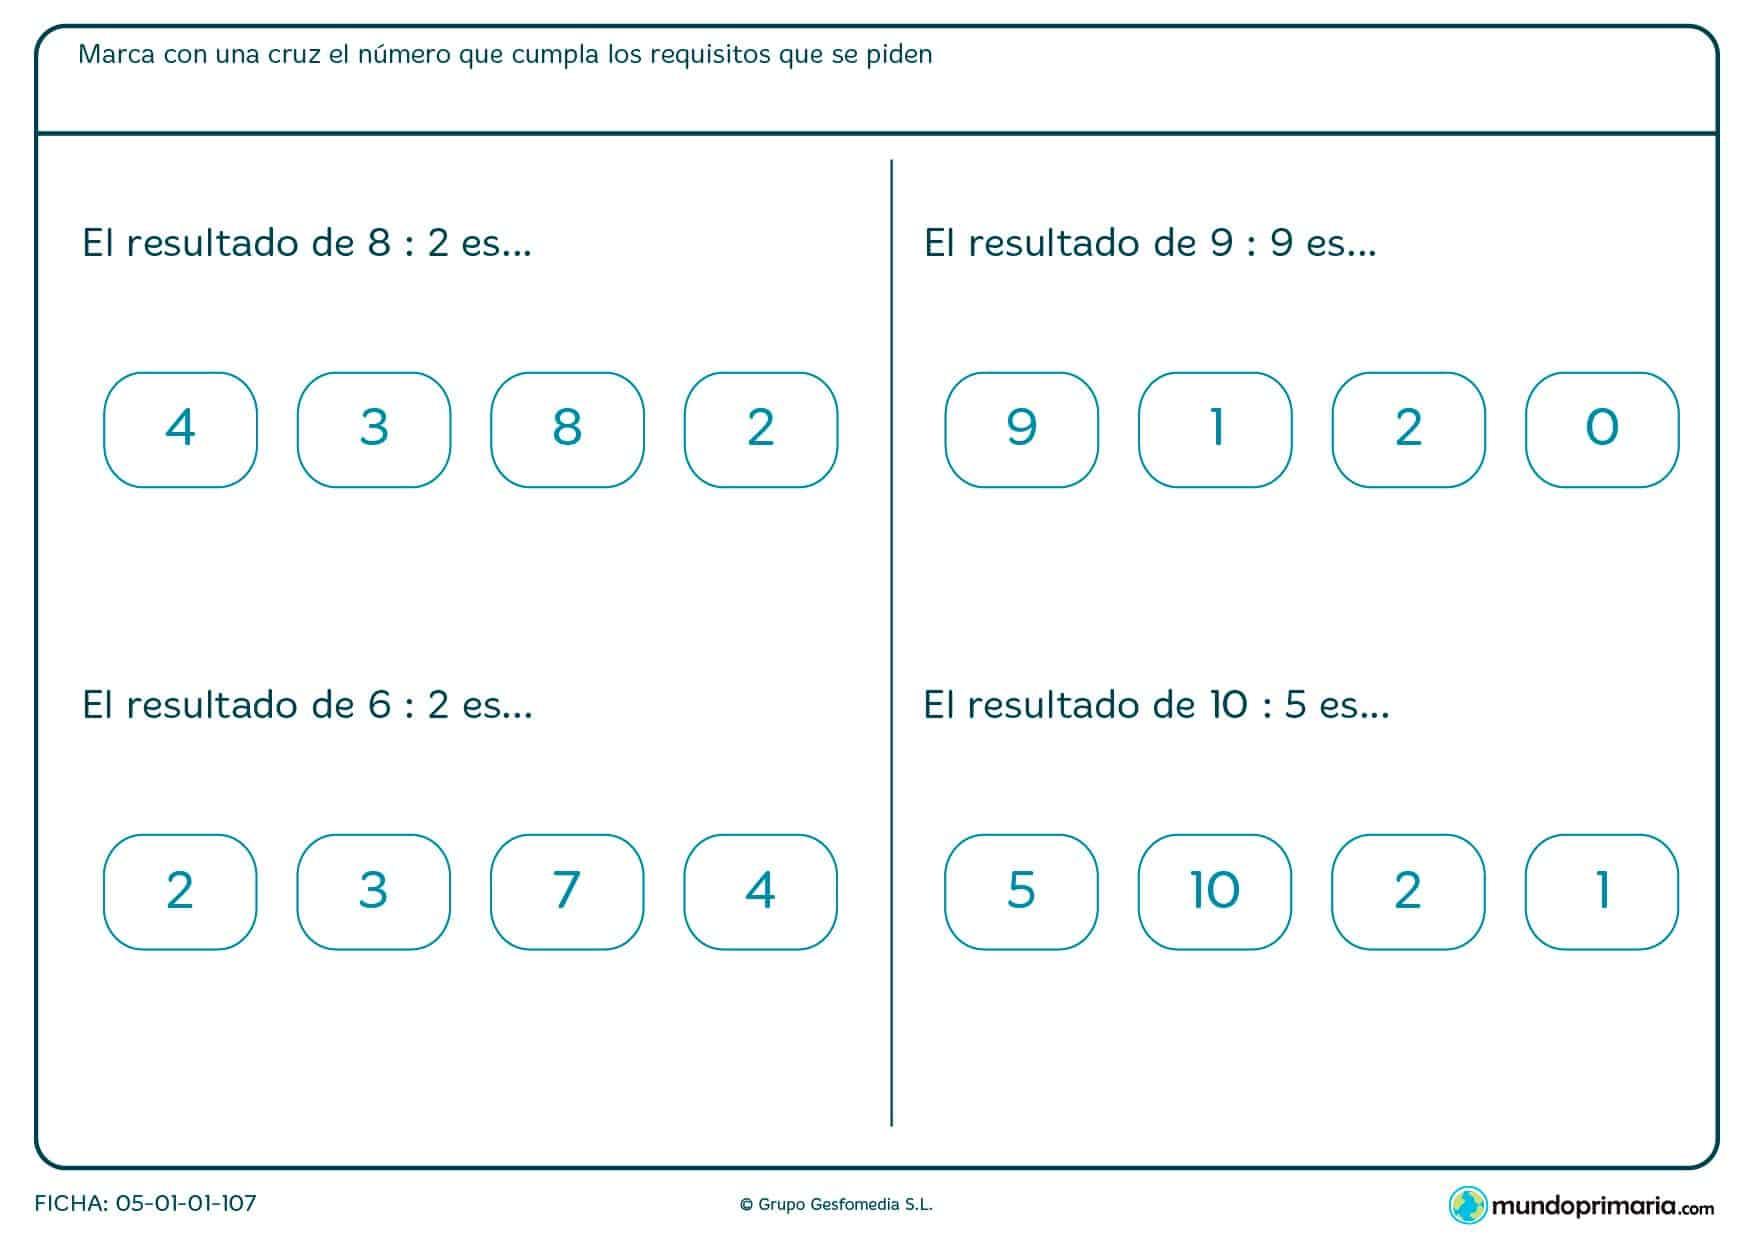 Ejercicio de matemáticas y divisiones en el que hay que seleccionar la opción correcta.